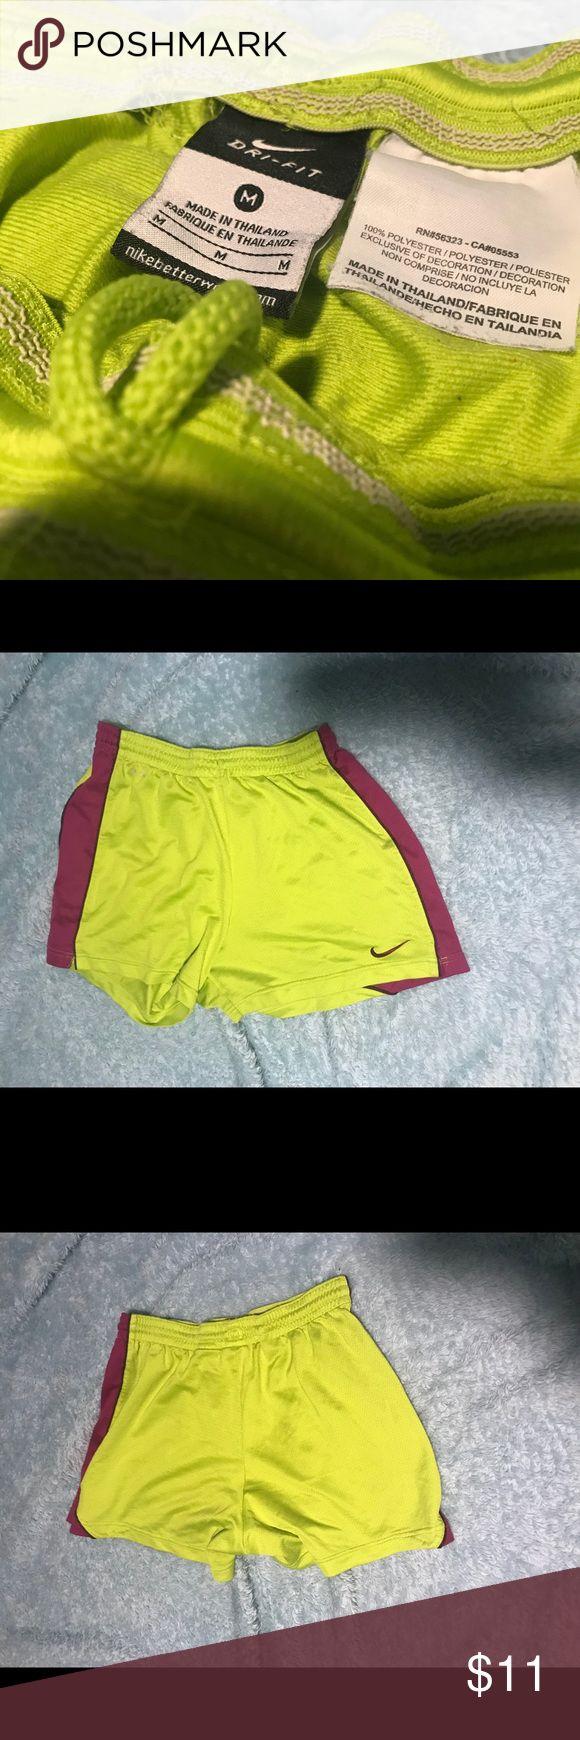 Nike Dri-Fit Shorts Nike Dri-Fit Shorts, grün mit lila Seiten. GUC, Größe …   – My Posh Picks